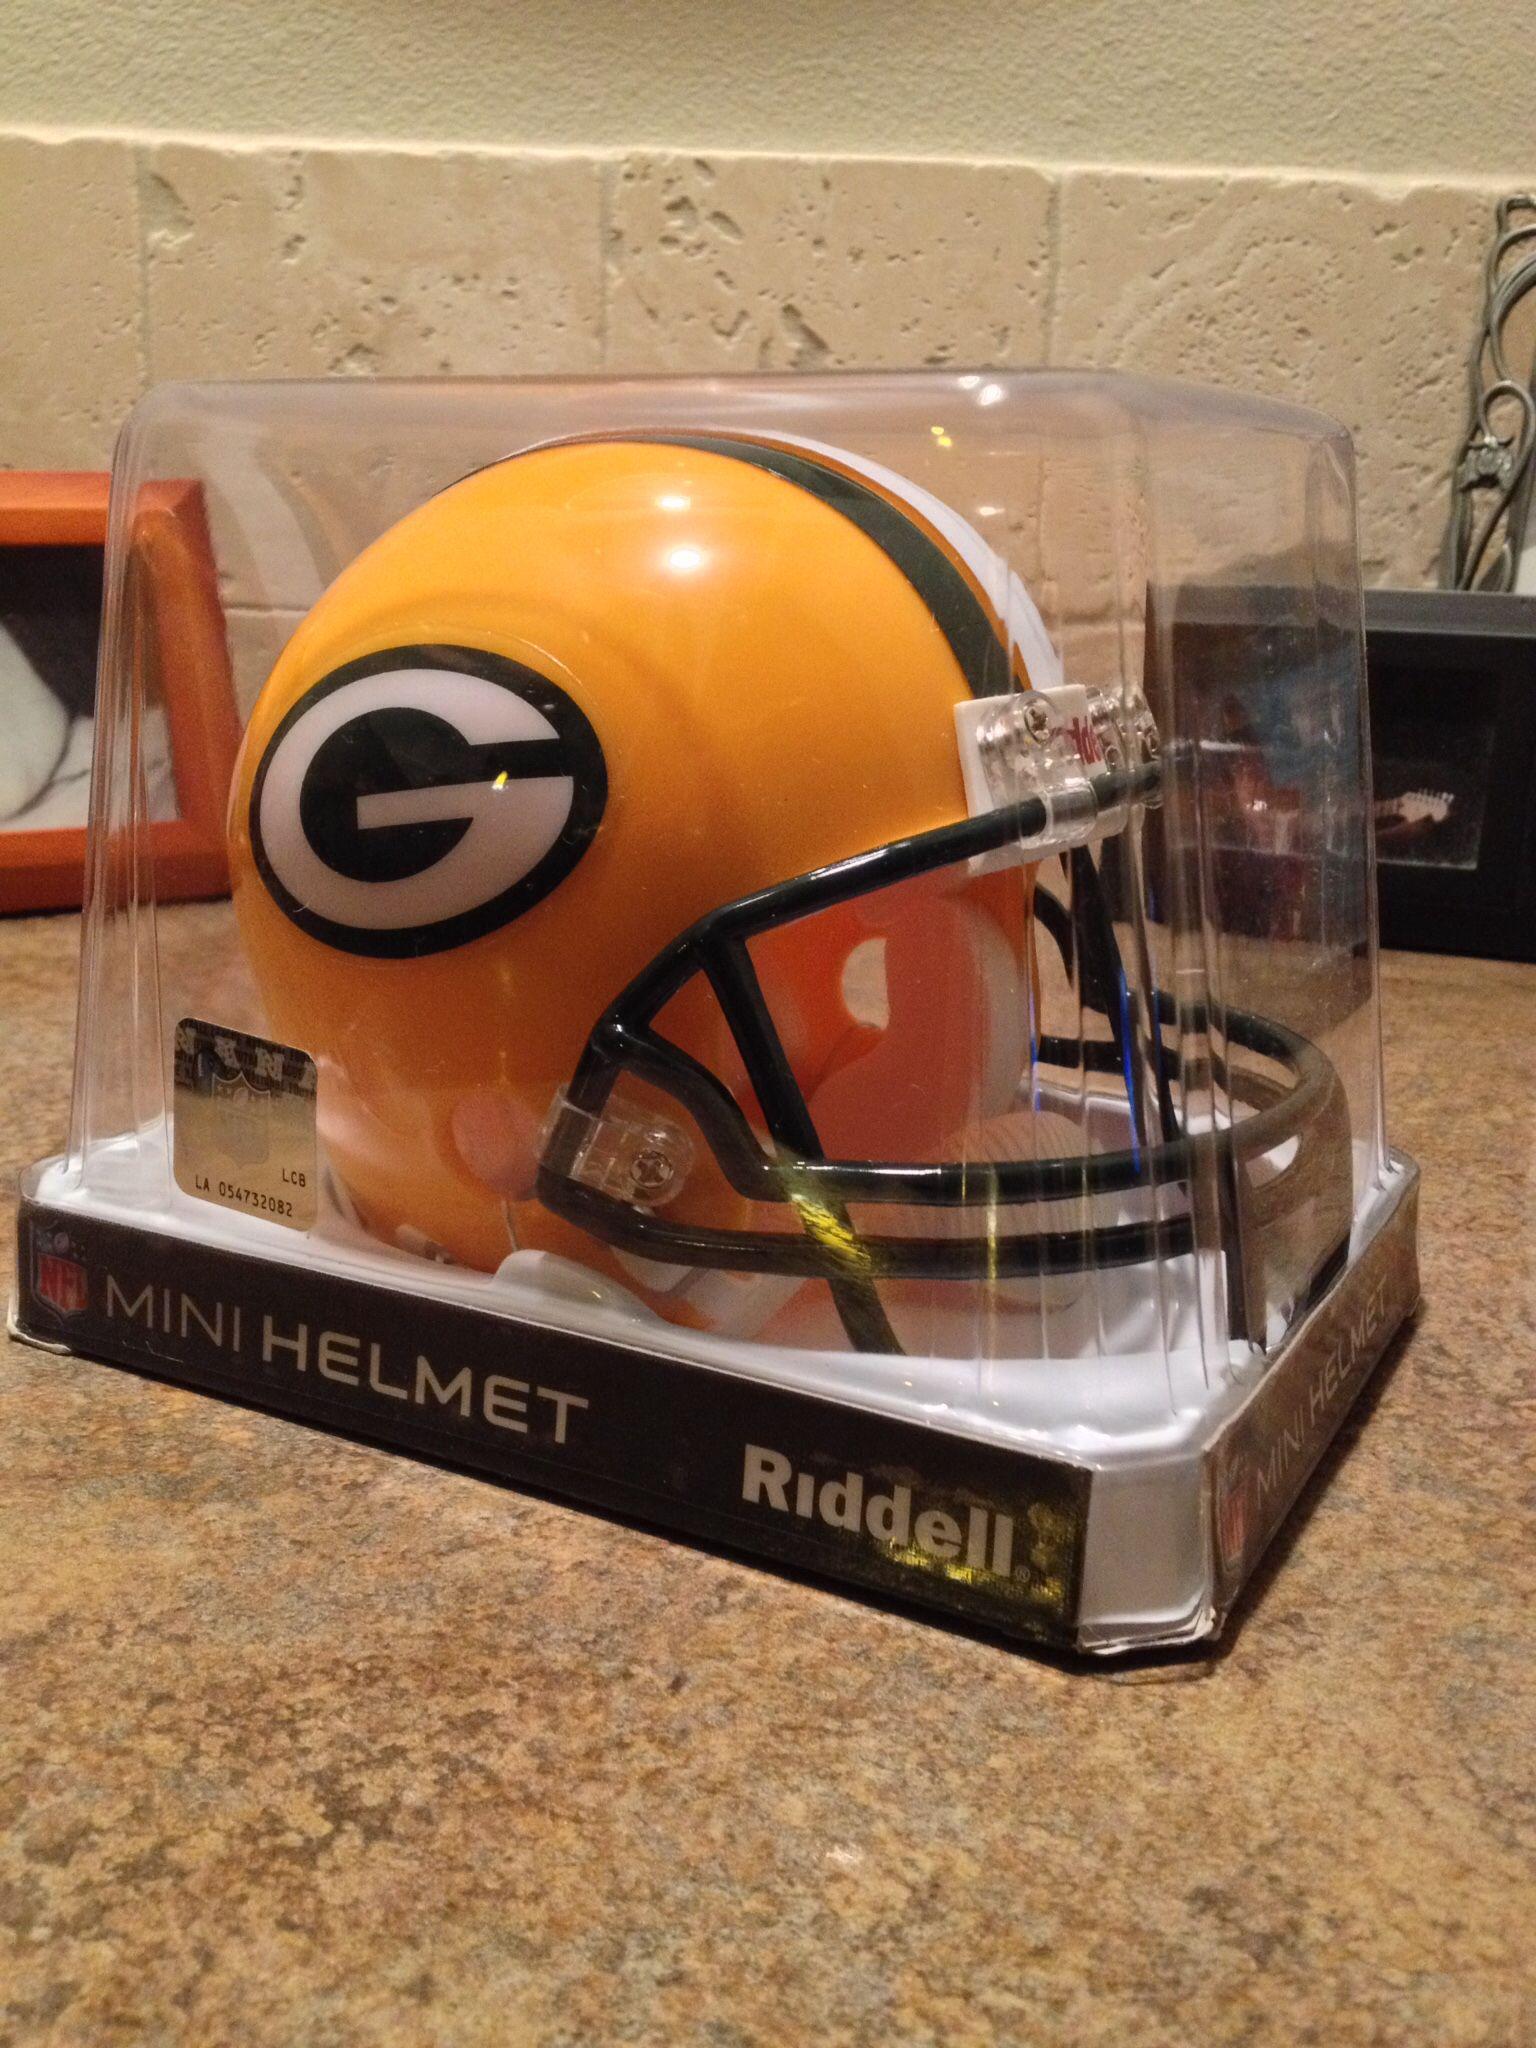 Mini helmet football helmets helmet great team